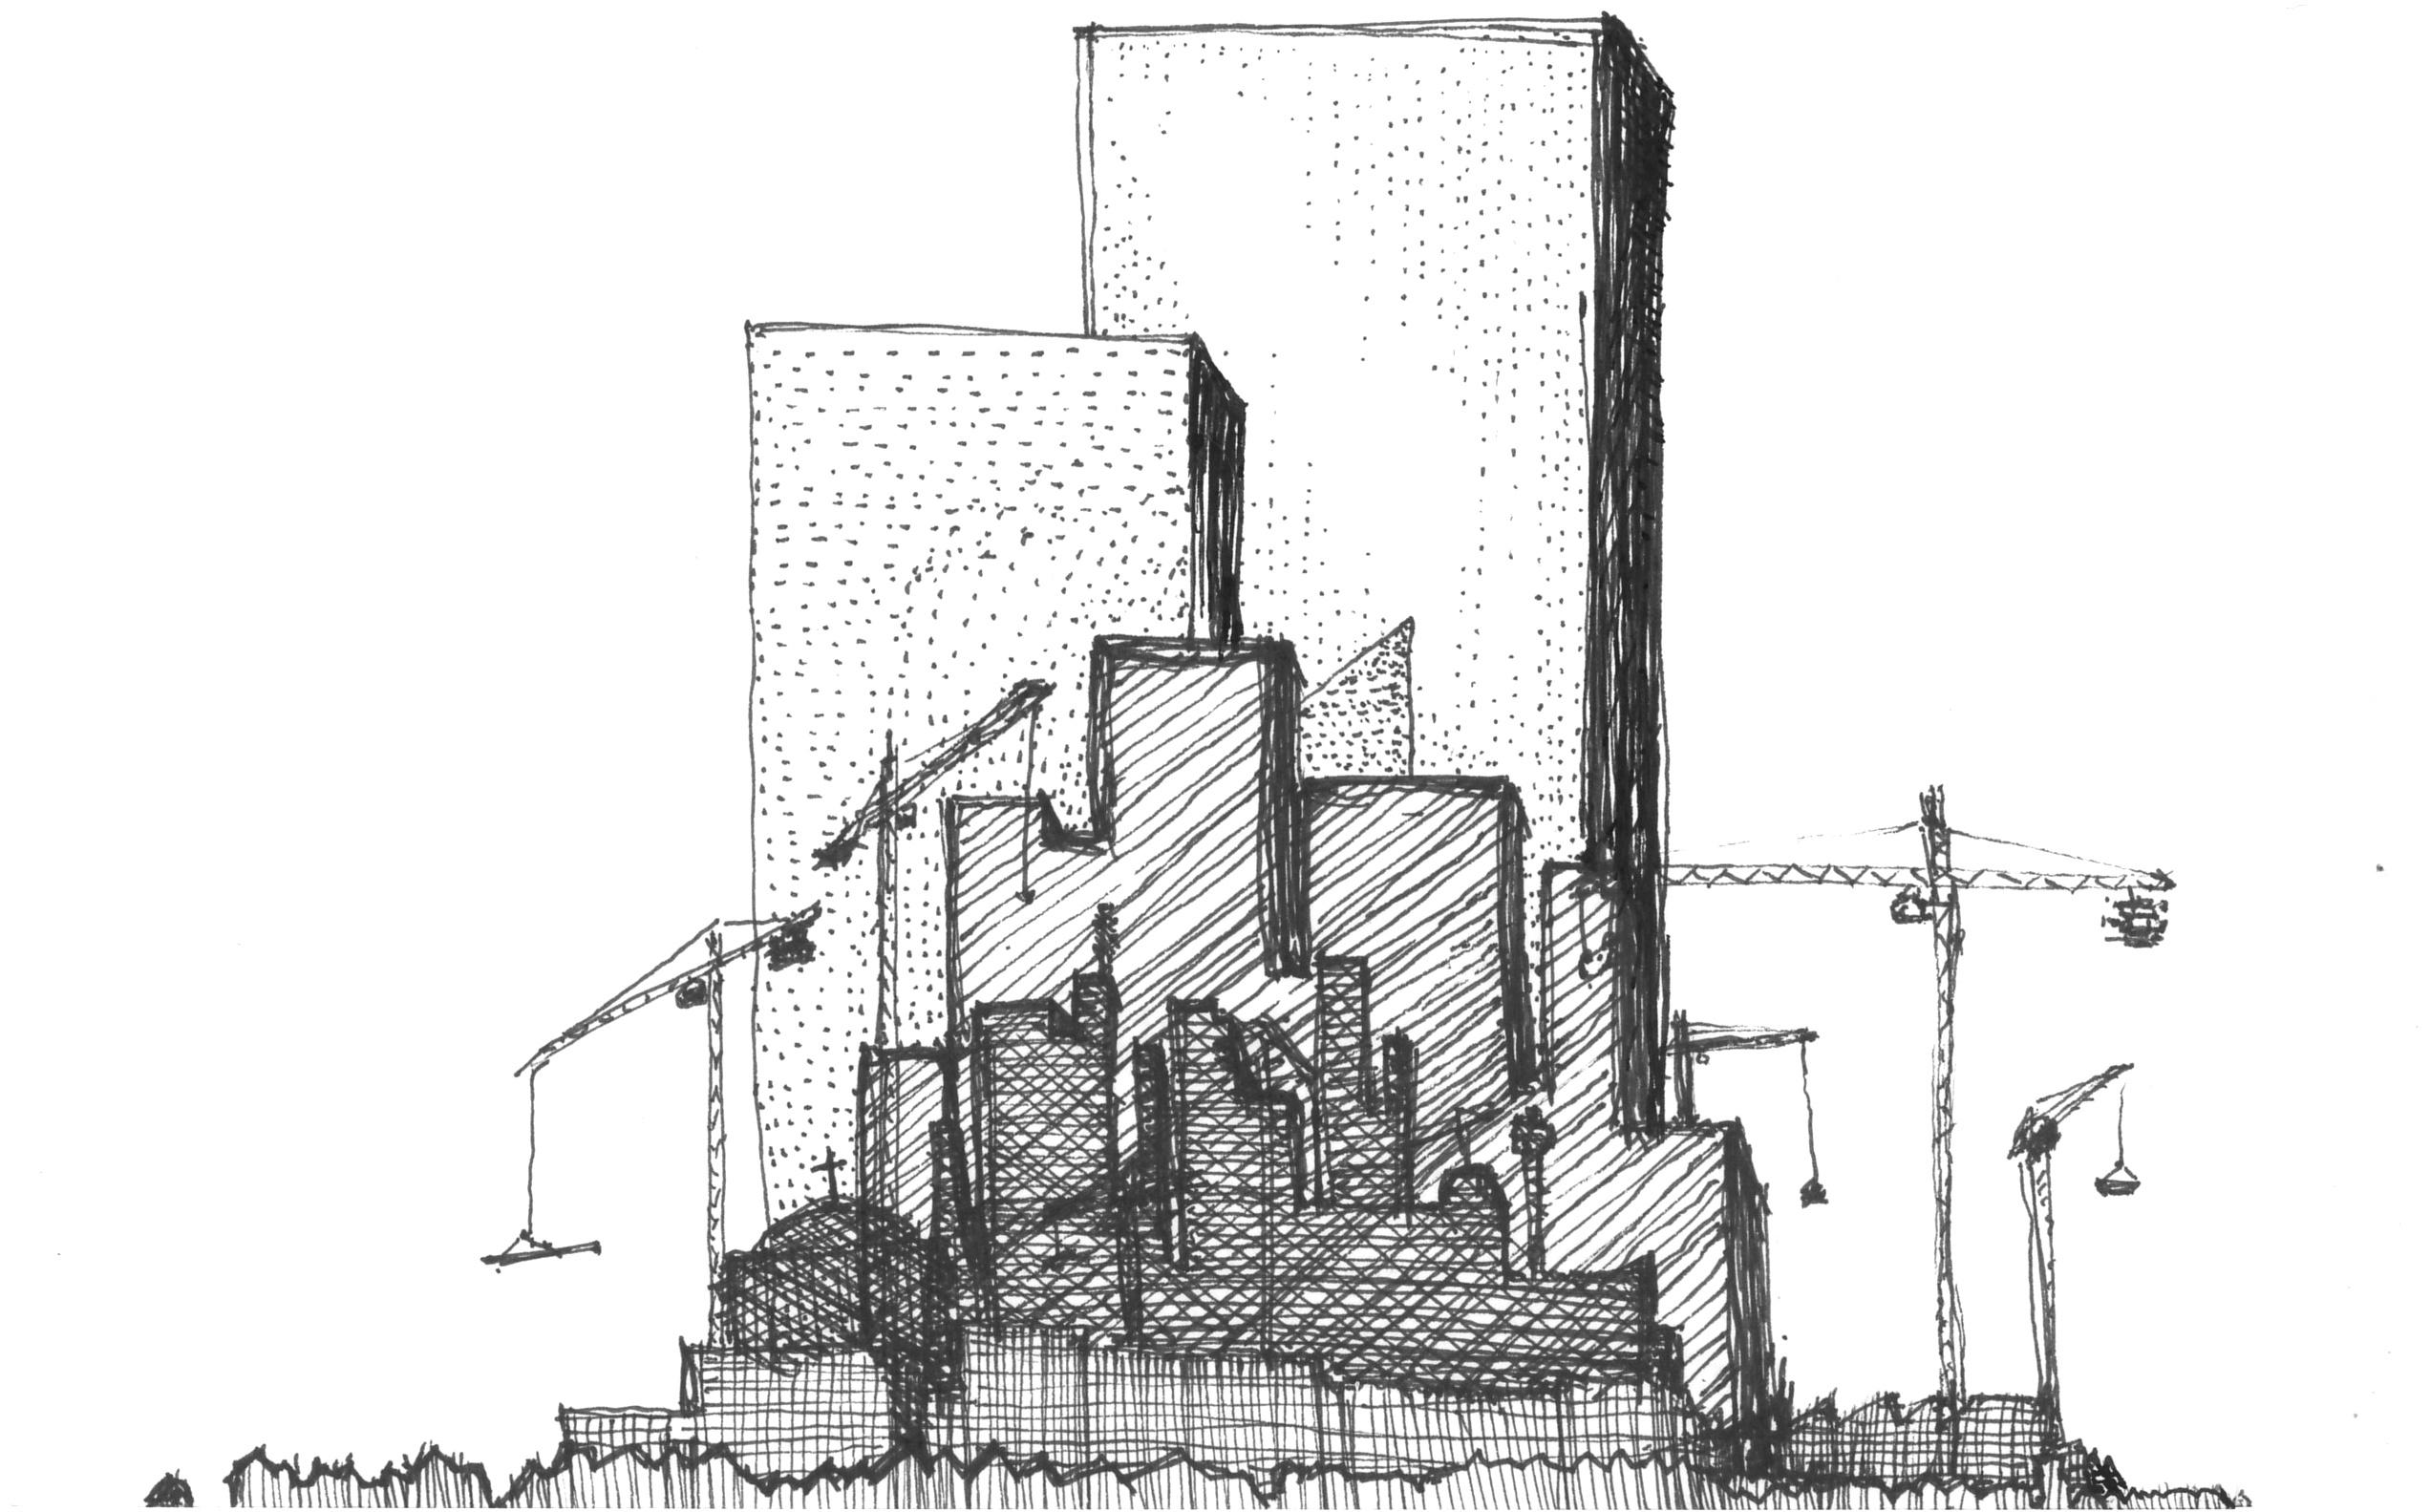 Construyendo ciudades seguras: medidas antidesastres naturales